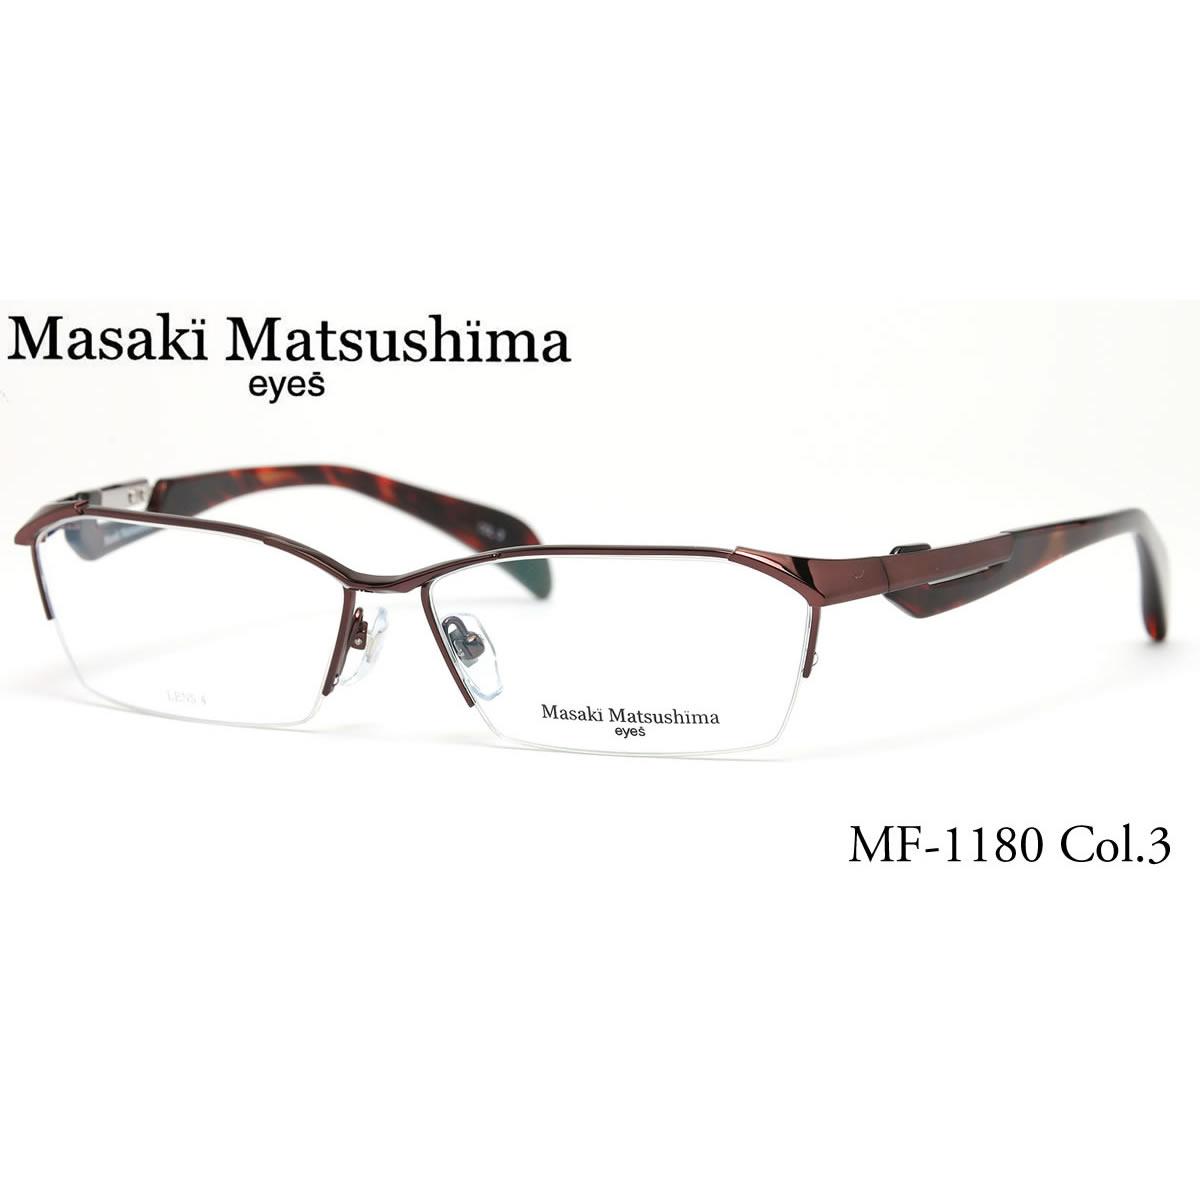 ほぼ全品ポイント15倍~最大43倍+3倍!お得なクーポンも! 【14時までのご注文は即日発送】MF-1180 3 58サイズ Masaki Matsushima (マサキマツシマ) メガネ メンズ レディース 【あす楽対応】